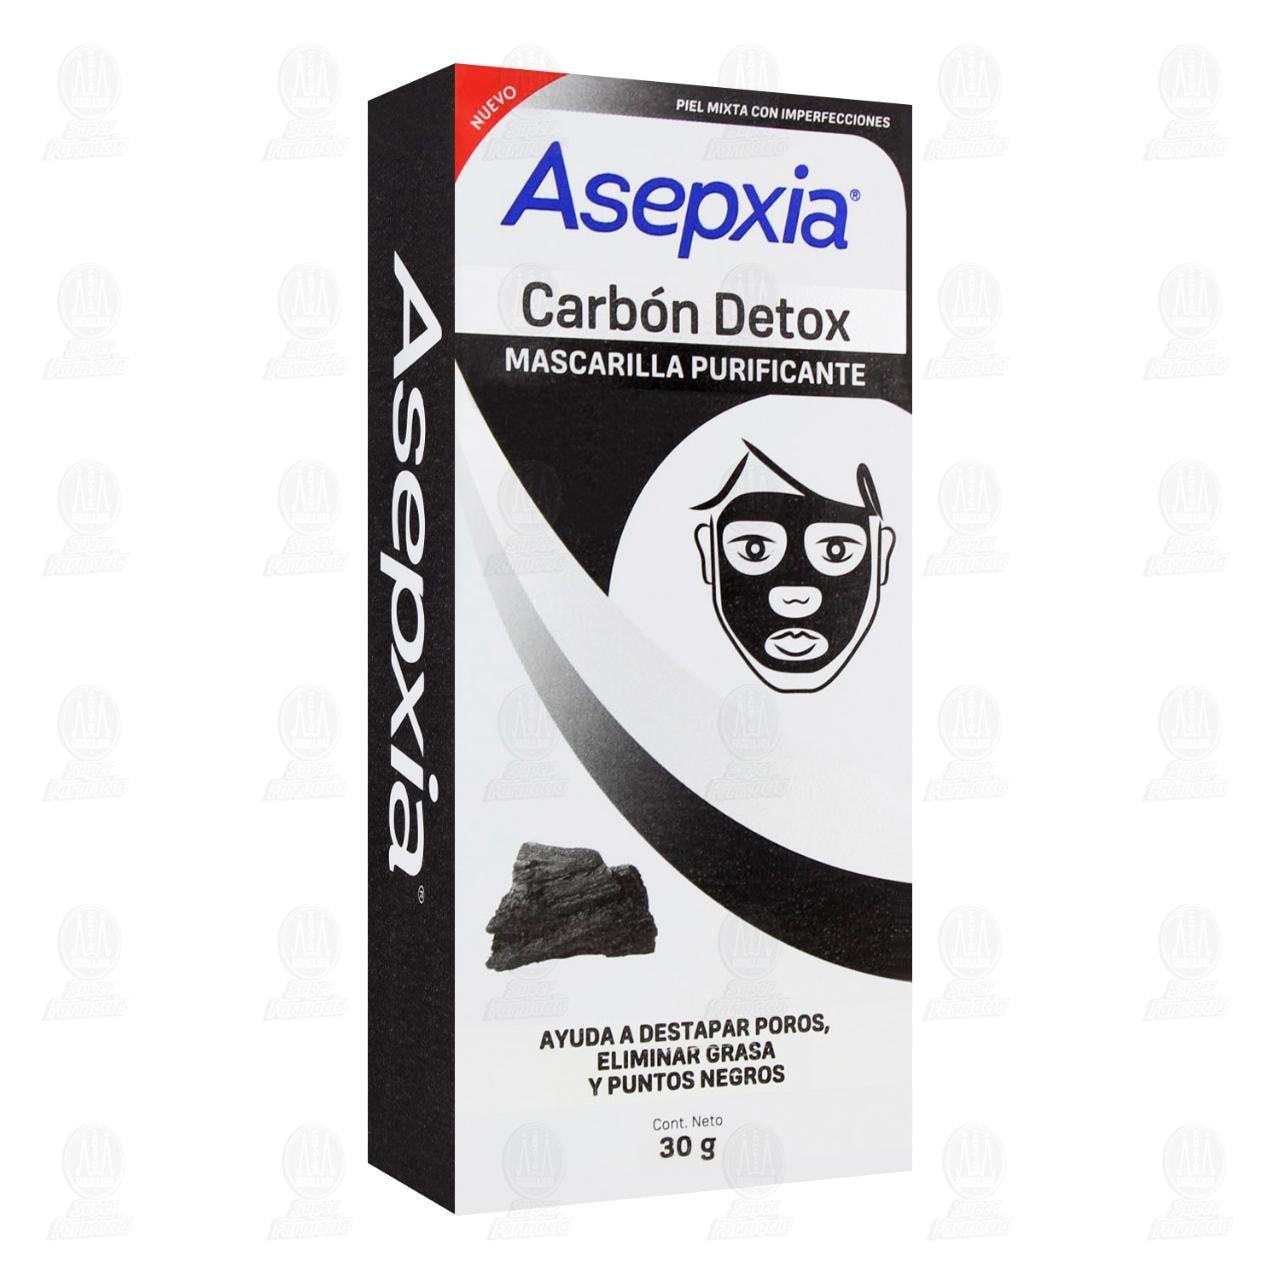 Comprar Mascarilla Peel Off Asepxia Carbón Detox Purificante, 30 gr. en Farmacias Guadalajara